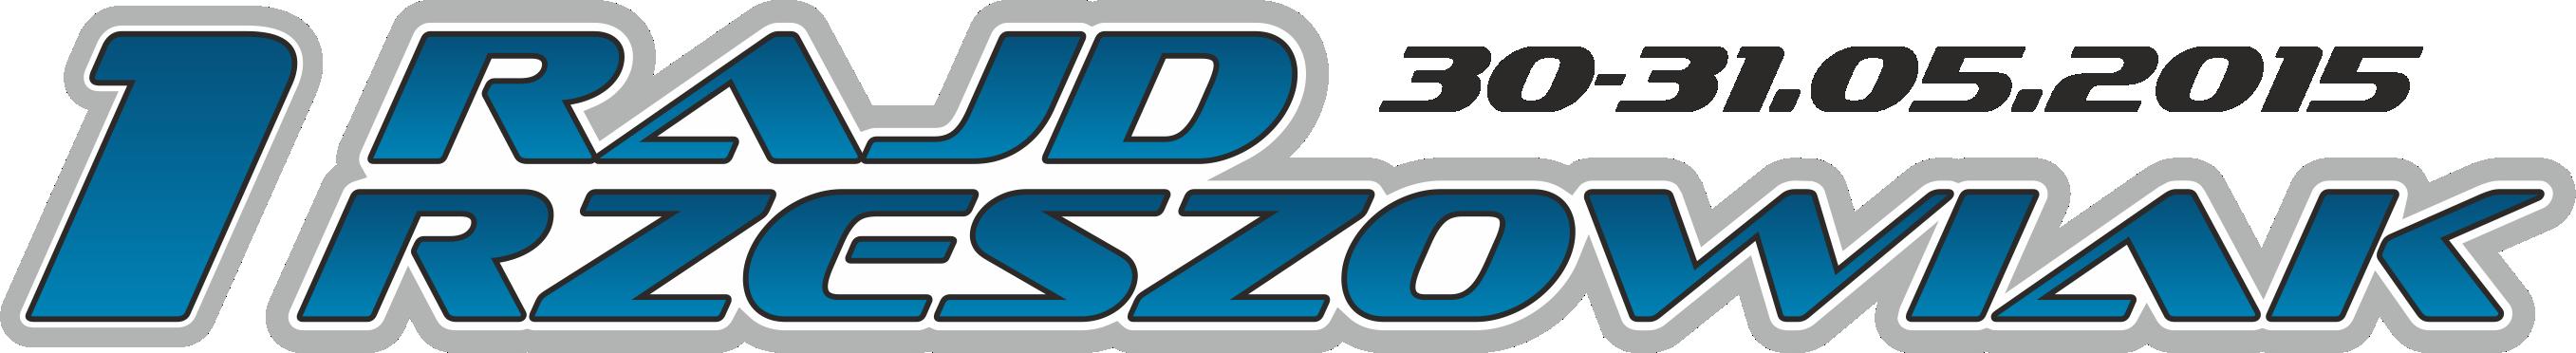 Rajd Rzeszowiak - logo